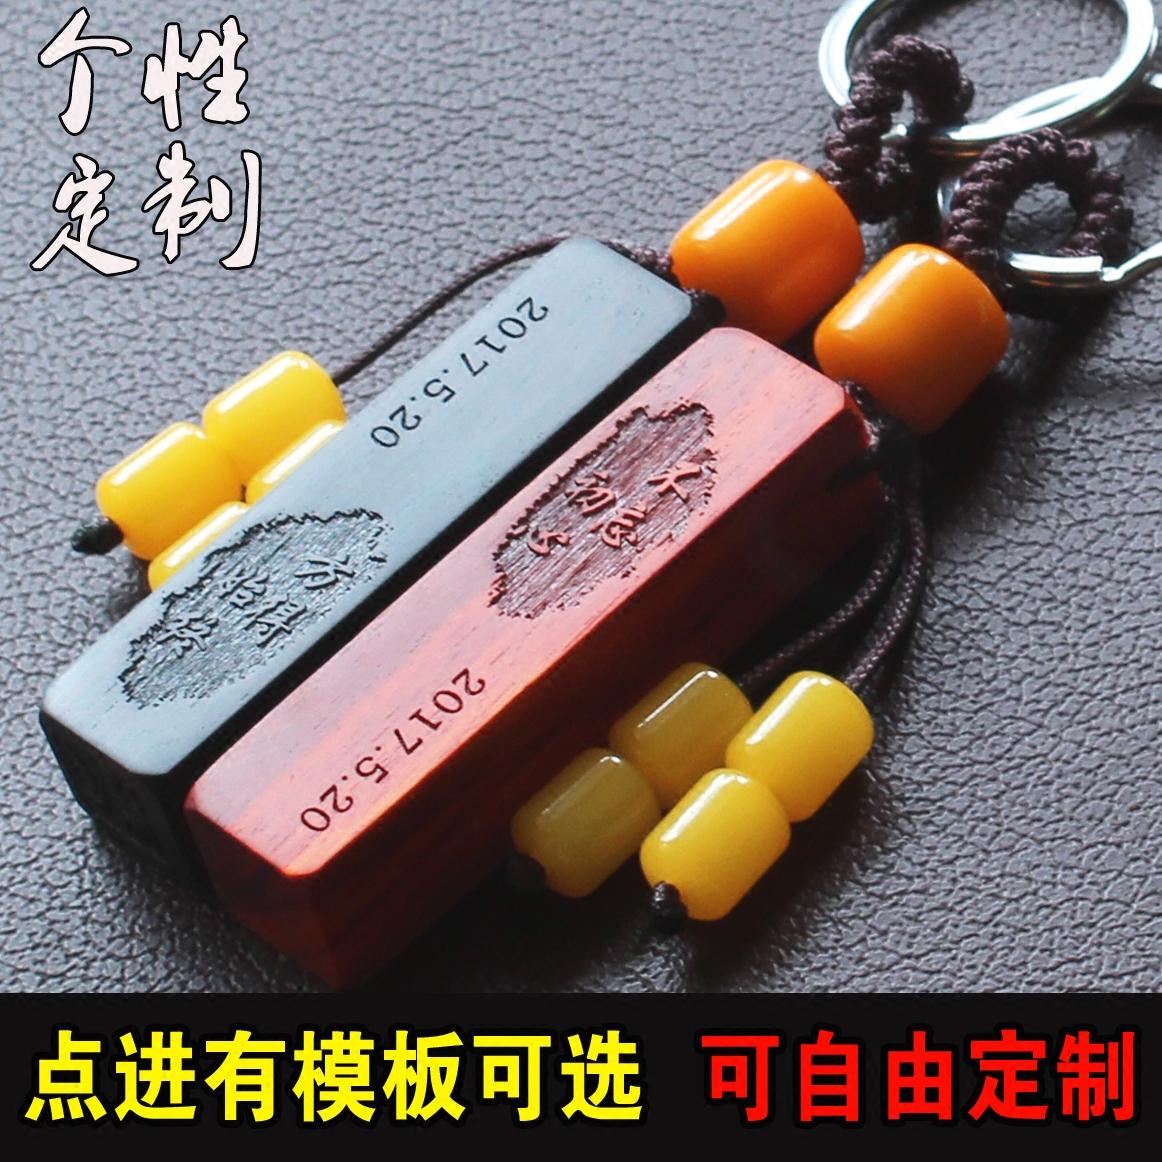 私人定制檀木钥匙挂件情侣浪漫刻字汽车钥匙扣挂件情人节礼物男女